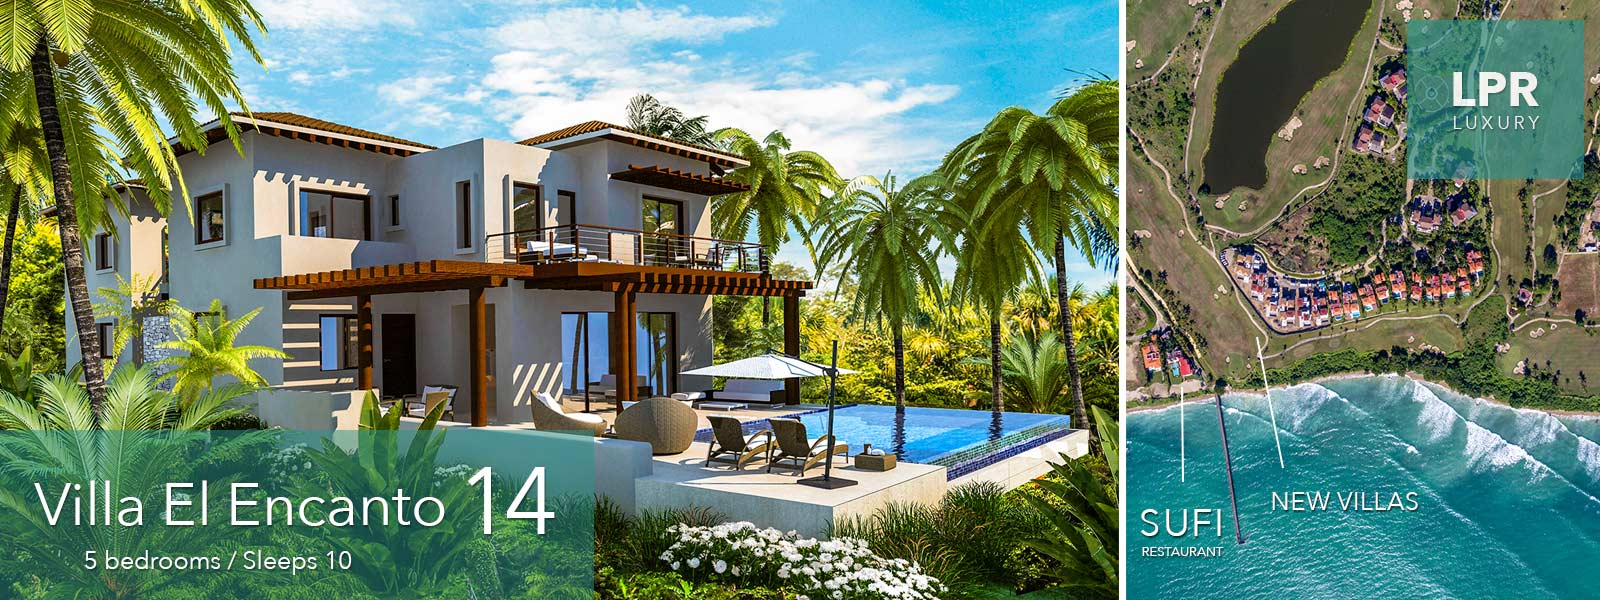 Villa El Encanto 14 Villas At Punta Mita Mexico Real